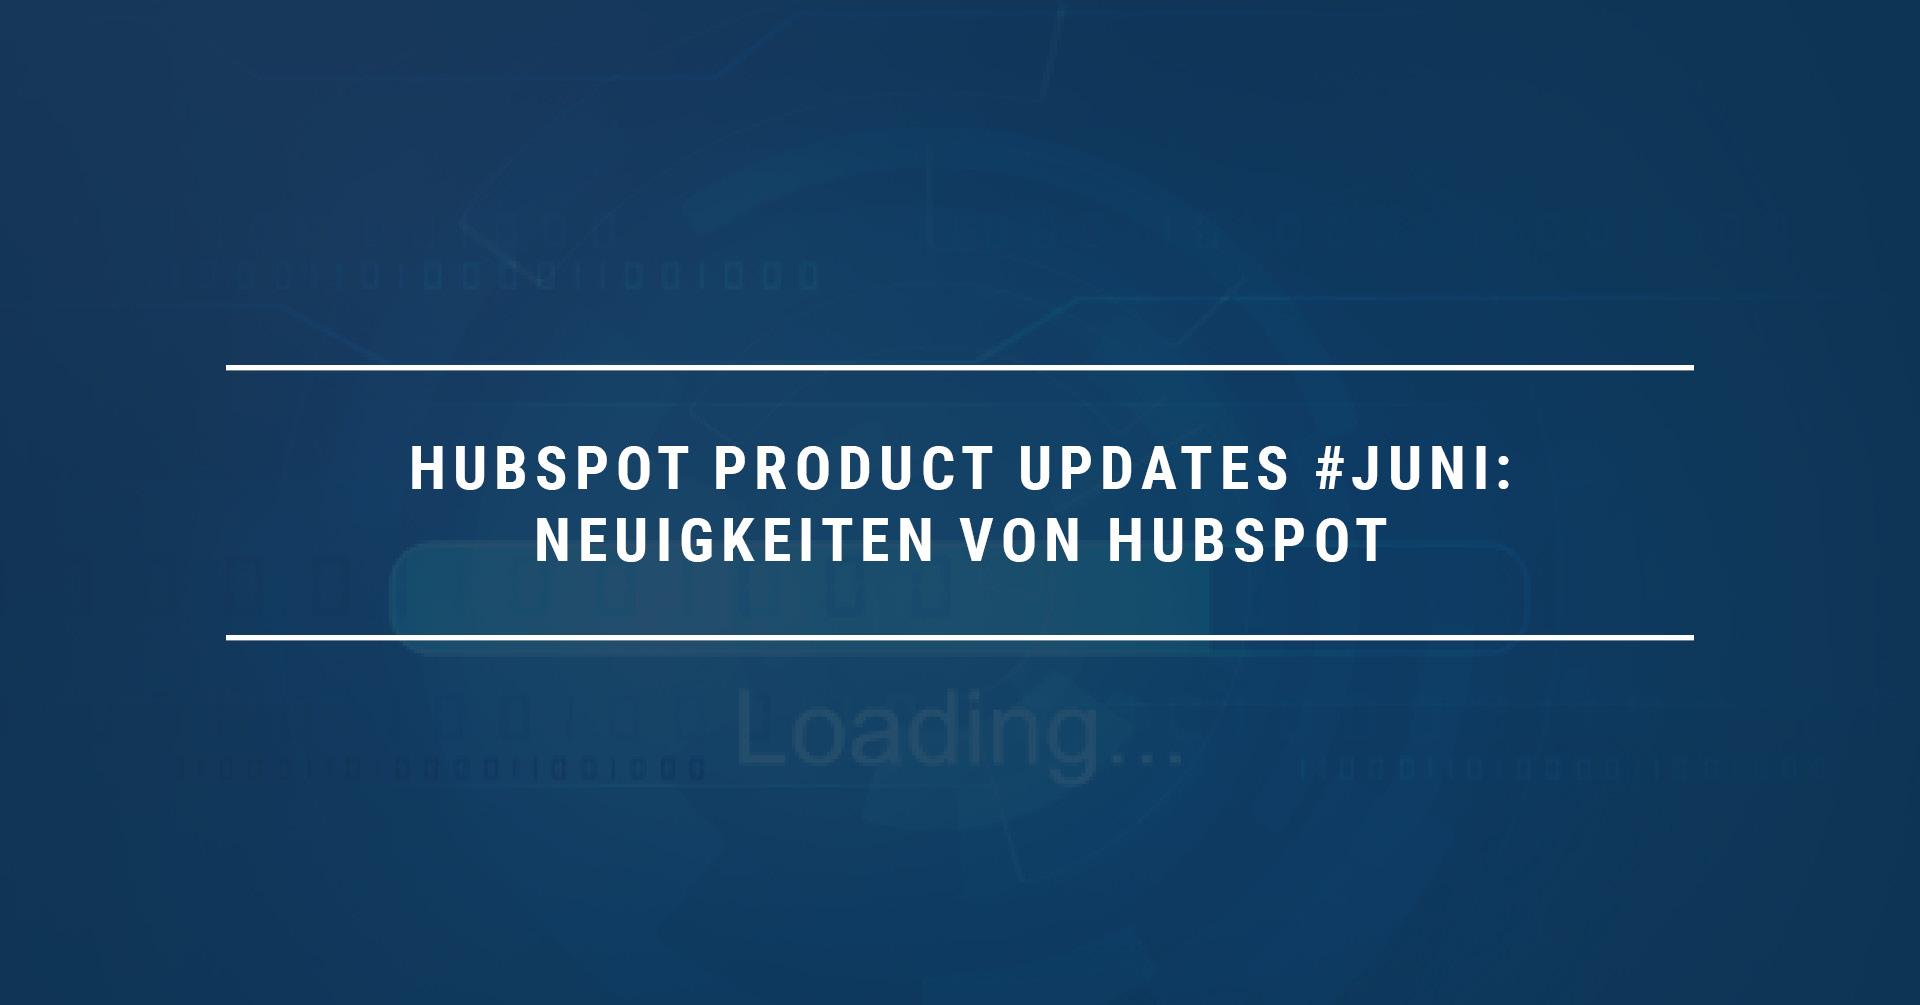 HubSpot Product Updates #Juni: Neuigkeiten von HubSpot